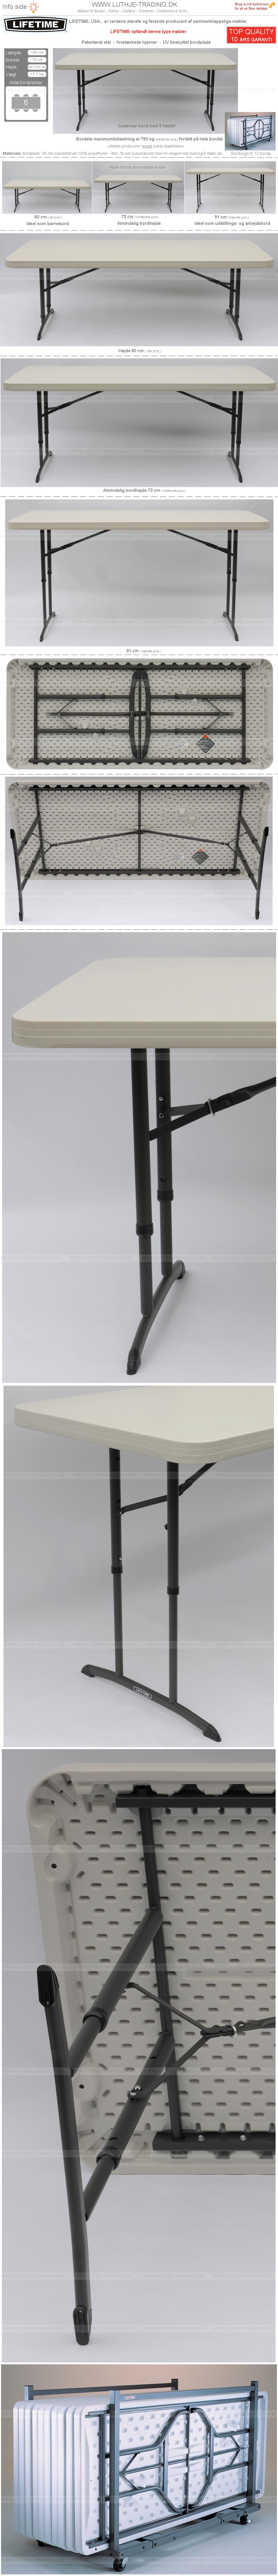 Plastborde 3 højder 183 x 76 cm.